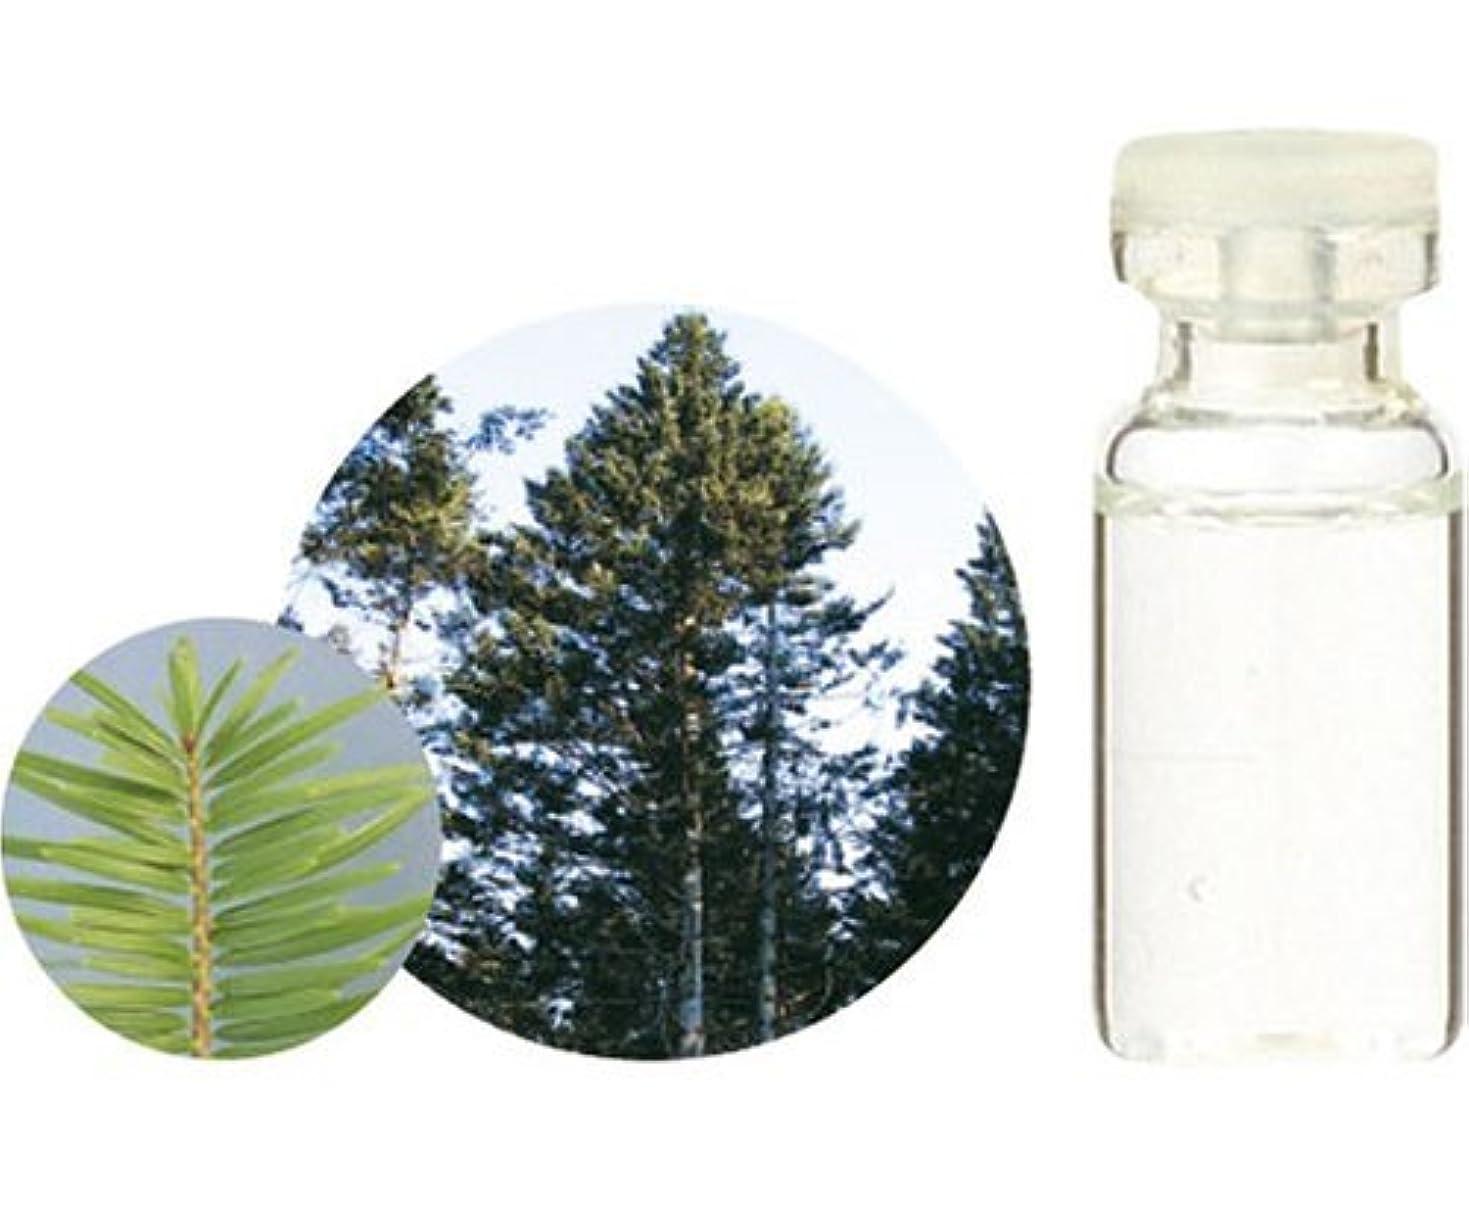 専門化する最も遠いムス生活の木 C 和精油 モミ エッセンシャルオイル 10ml